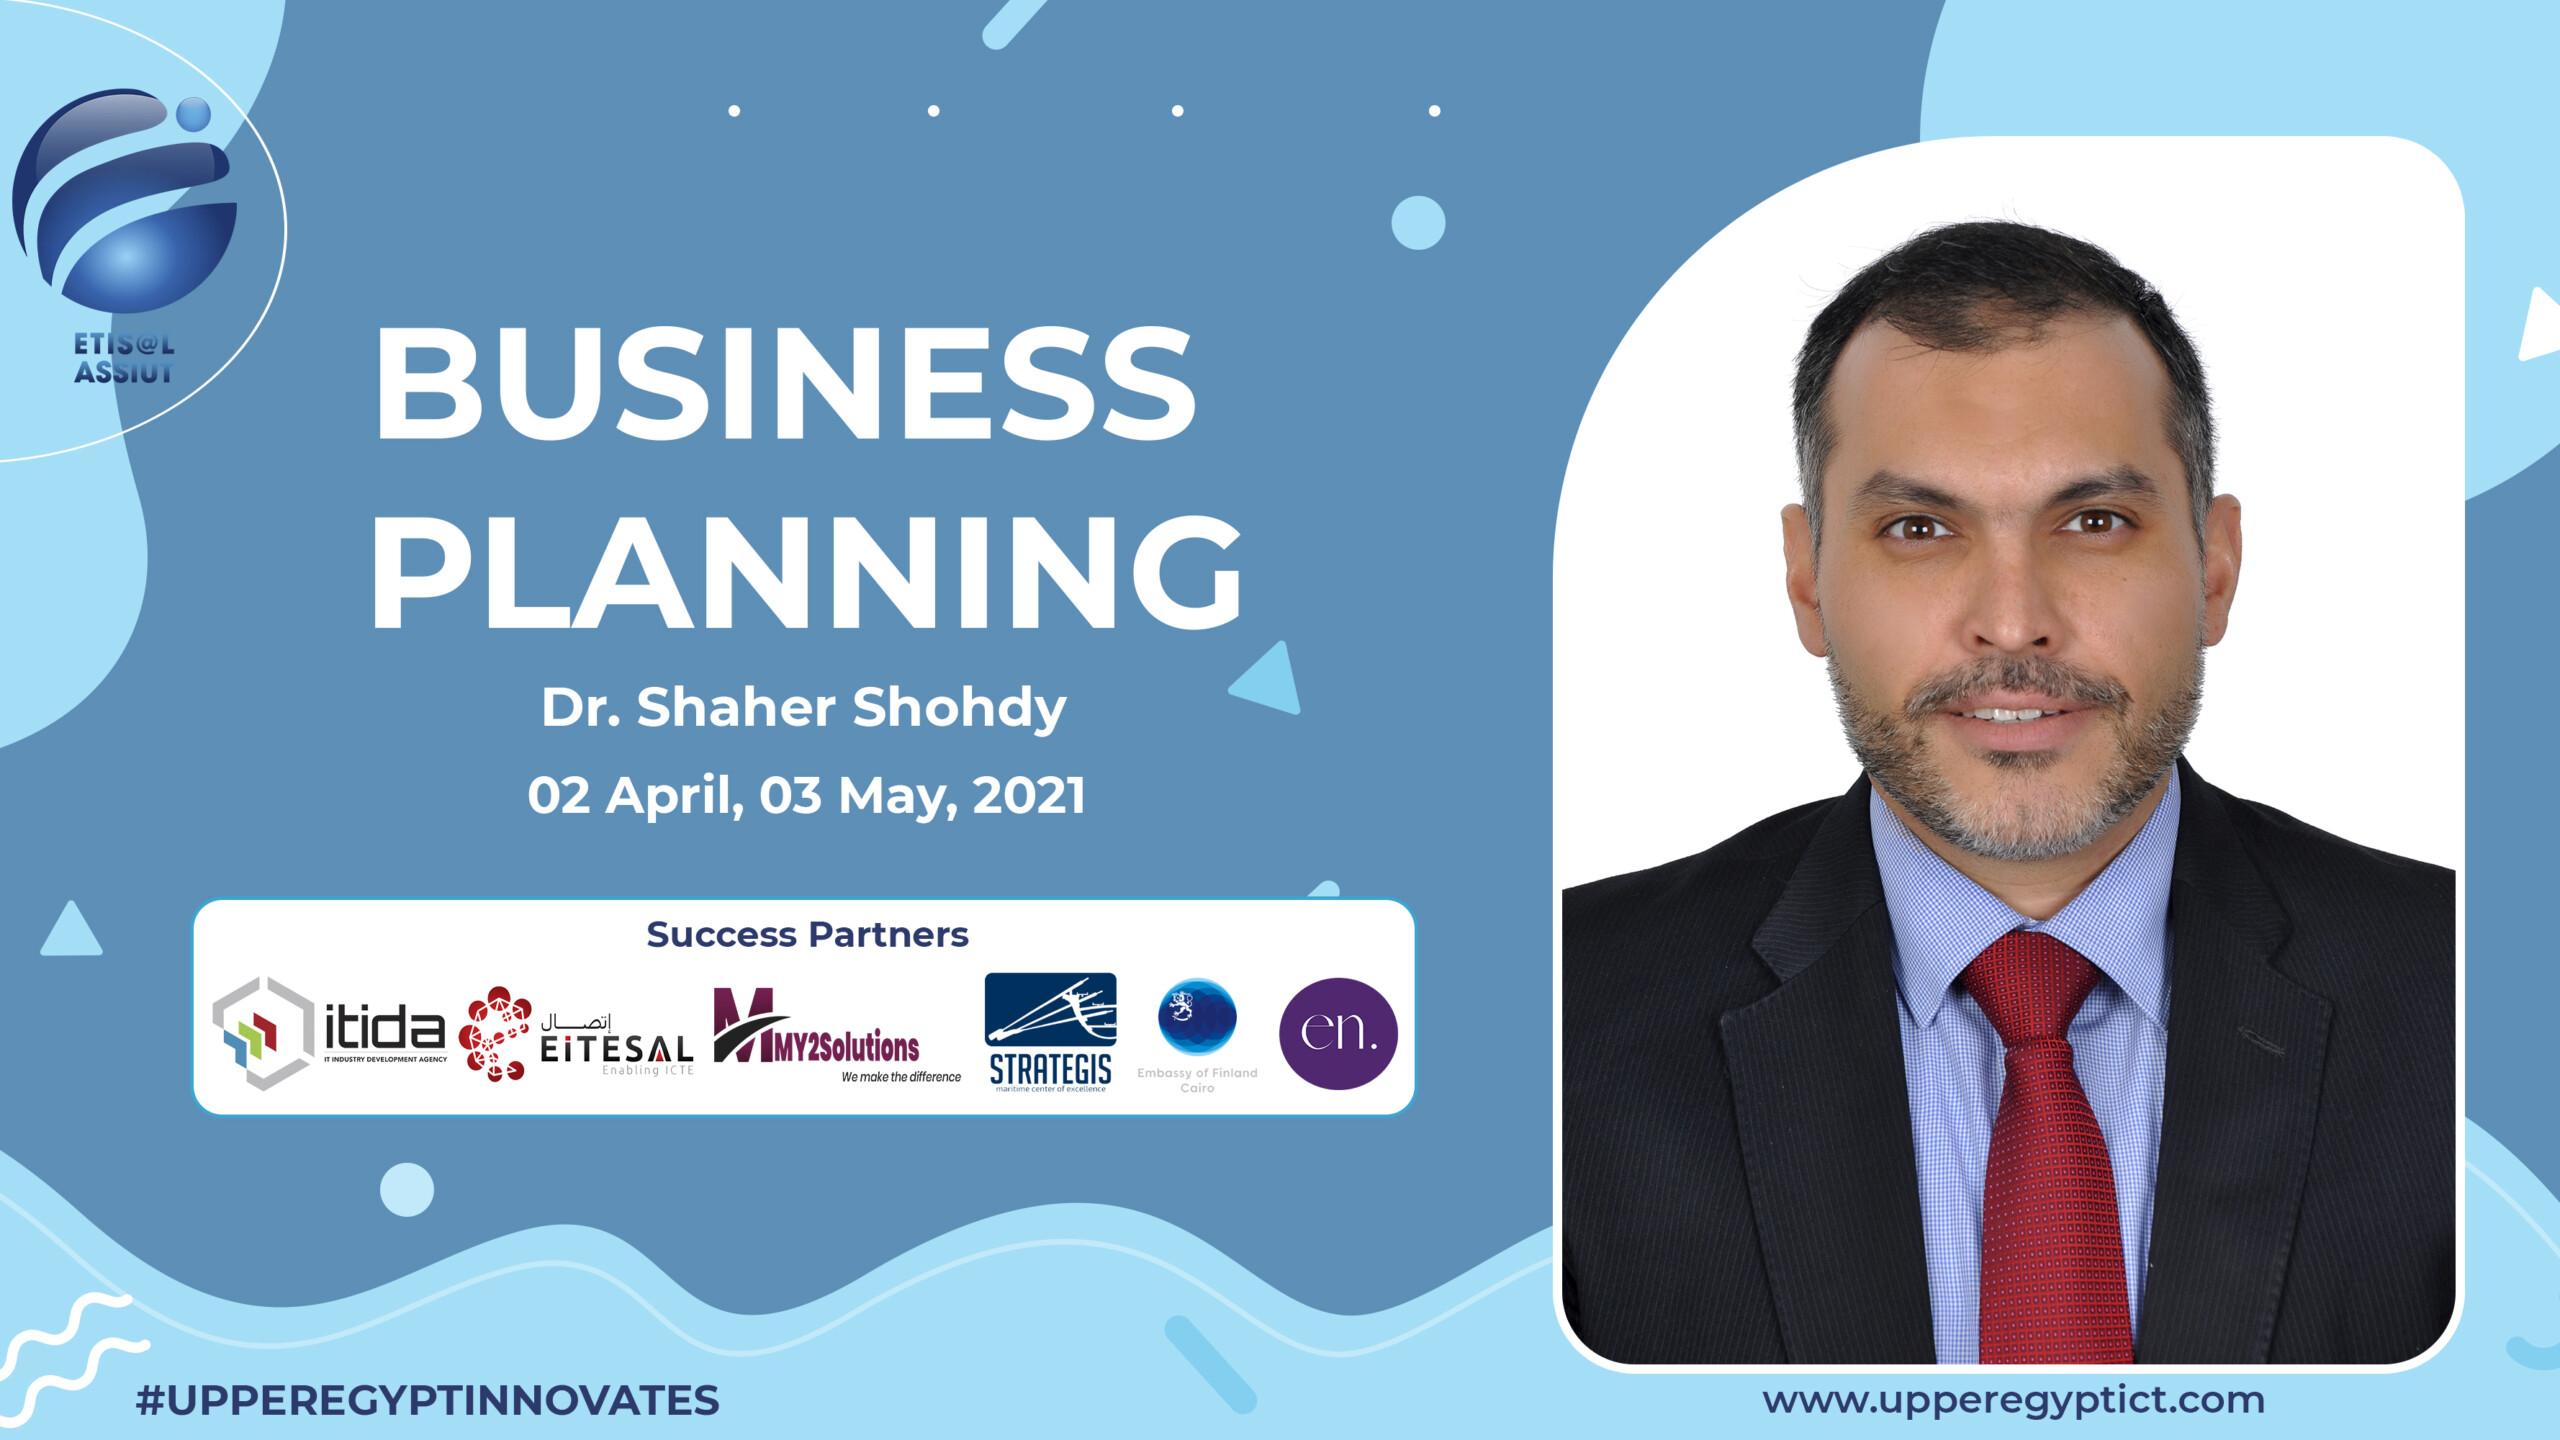 Business Planning Workshop